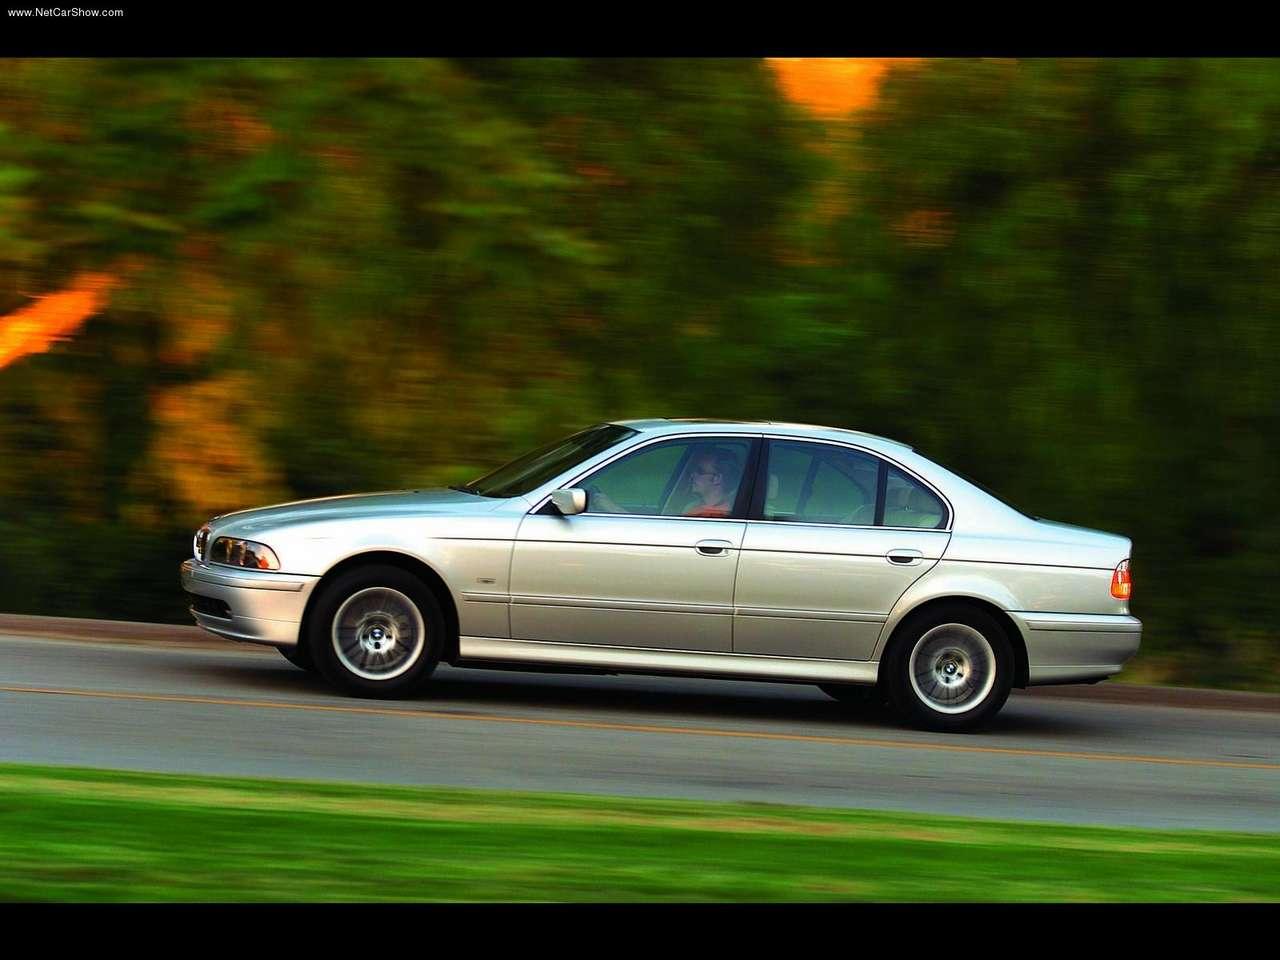 http://4.bp.blogspot.com/_vPMjJG-enrk/TBTCC65OjDI/AAAAAAAADGE/7No8KO-pOUg/s1600/BMW-530i_2001_1280x960_wallpaper_05.jpg